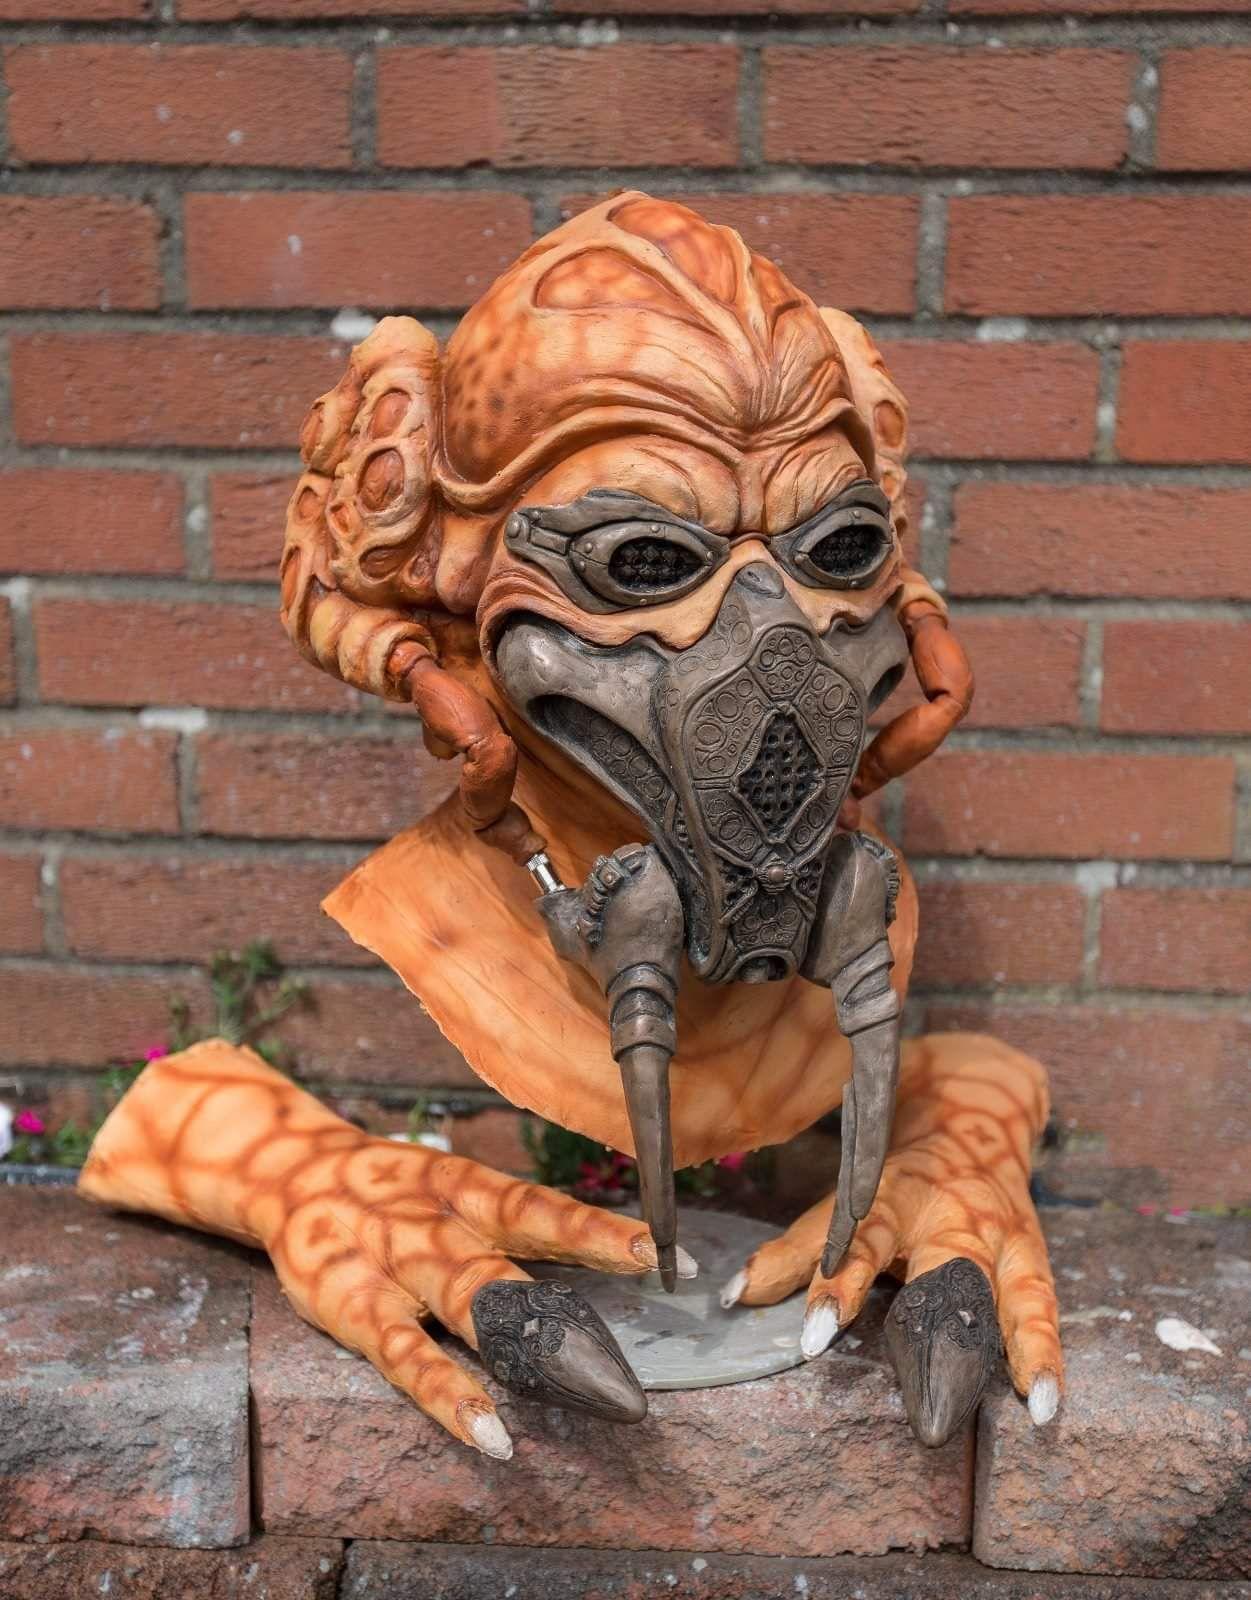 Plo koon latex mask